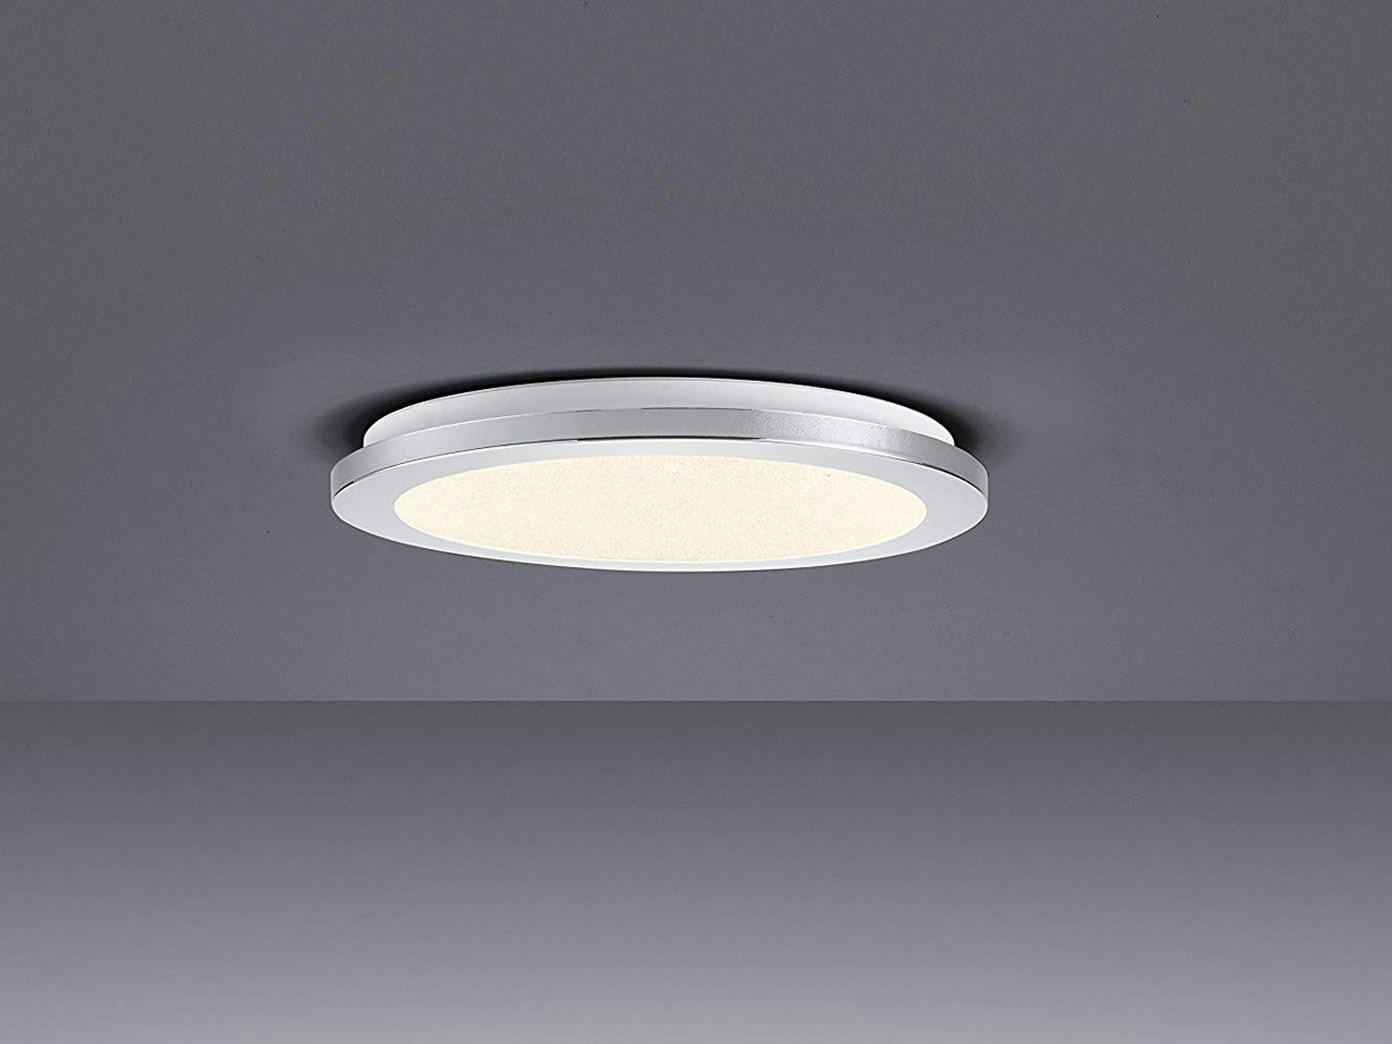 Ausgefallene runde LED Badezimmerleuchte IP20 in chromfarben mit Switch  Dimmer   yatego.com